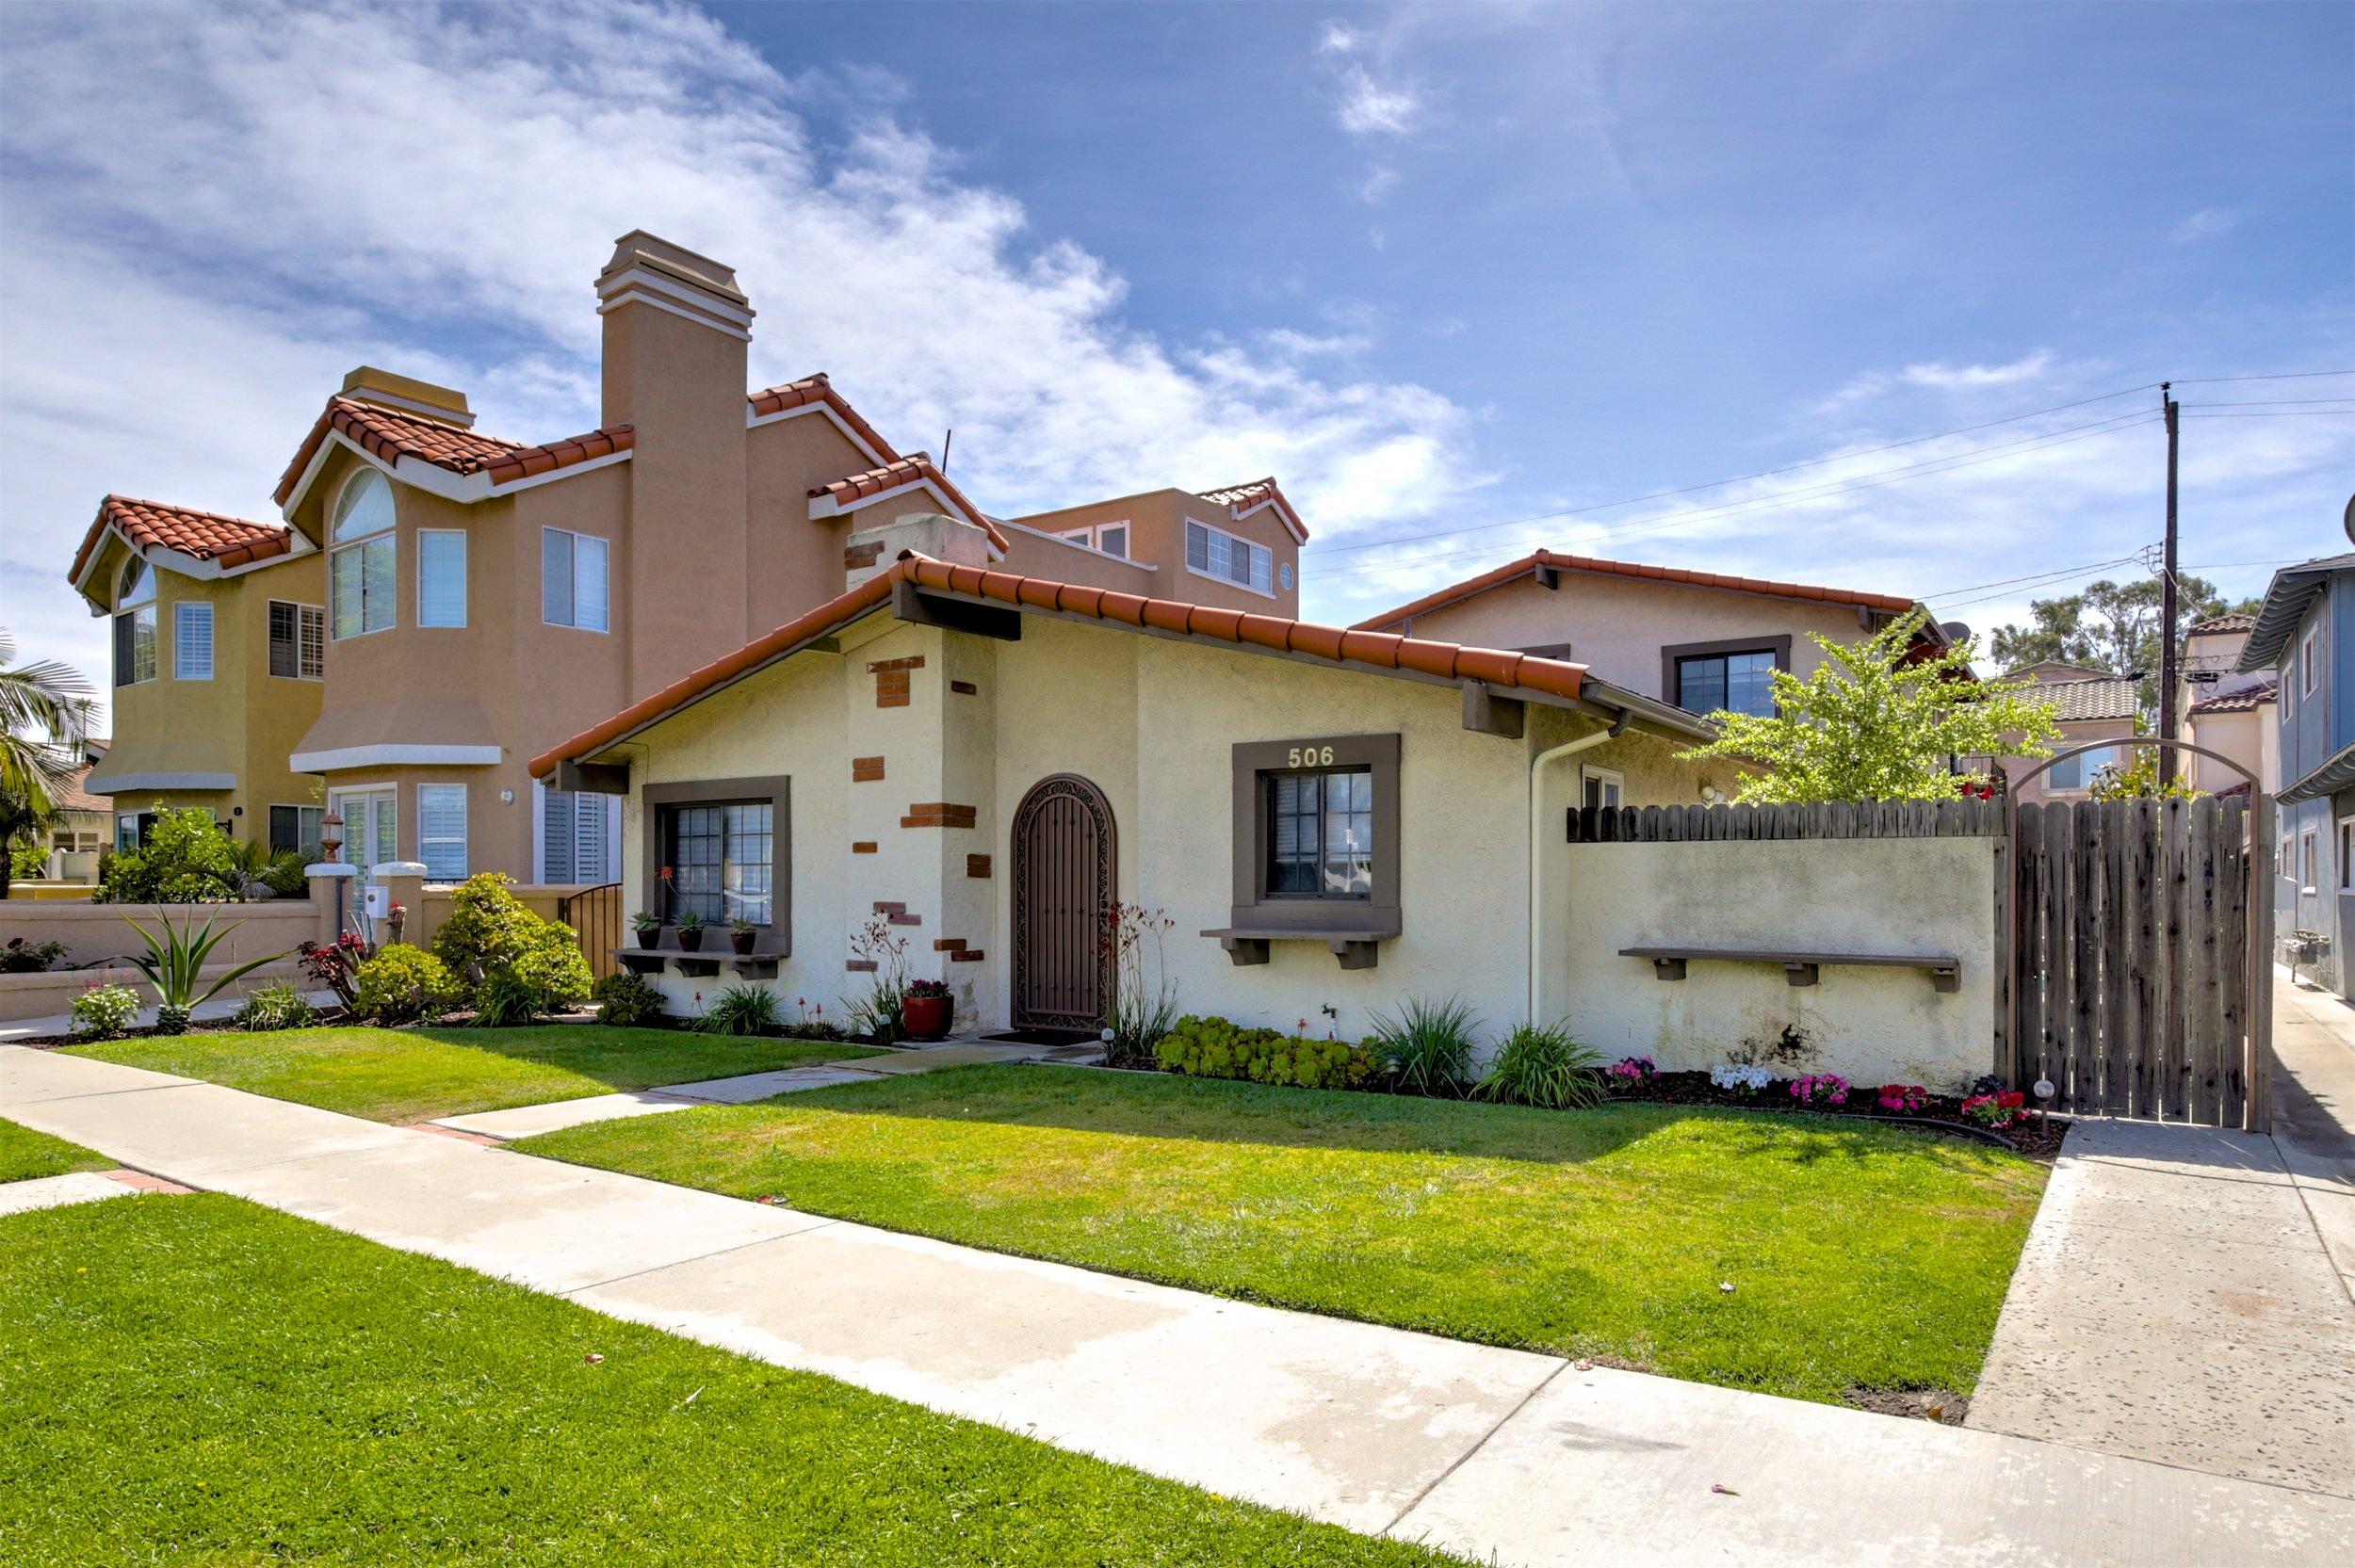 BEACH TRIPLEX - SOLD by MARIA X for $1,560,000506 17th St. Huntington BeachTriplex - 7 Beds 6 Baths 3,099 Sq. Ft. (A)